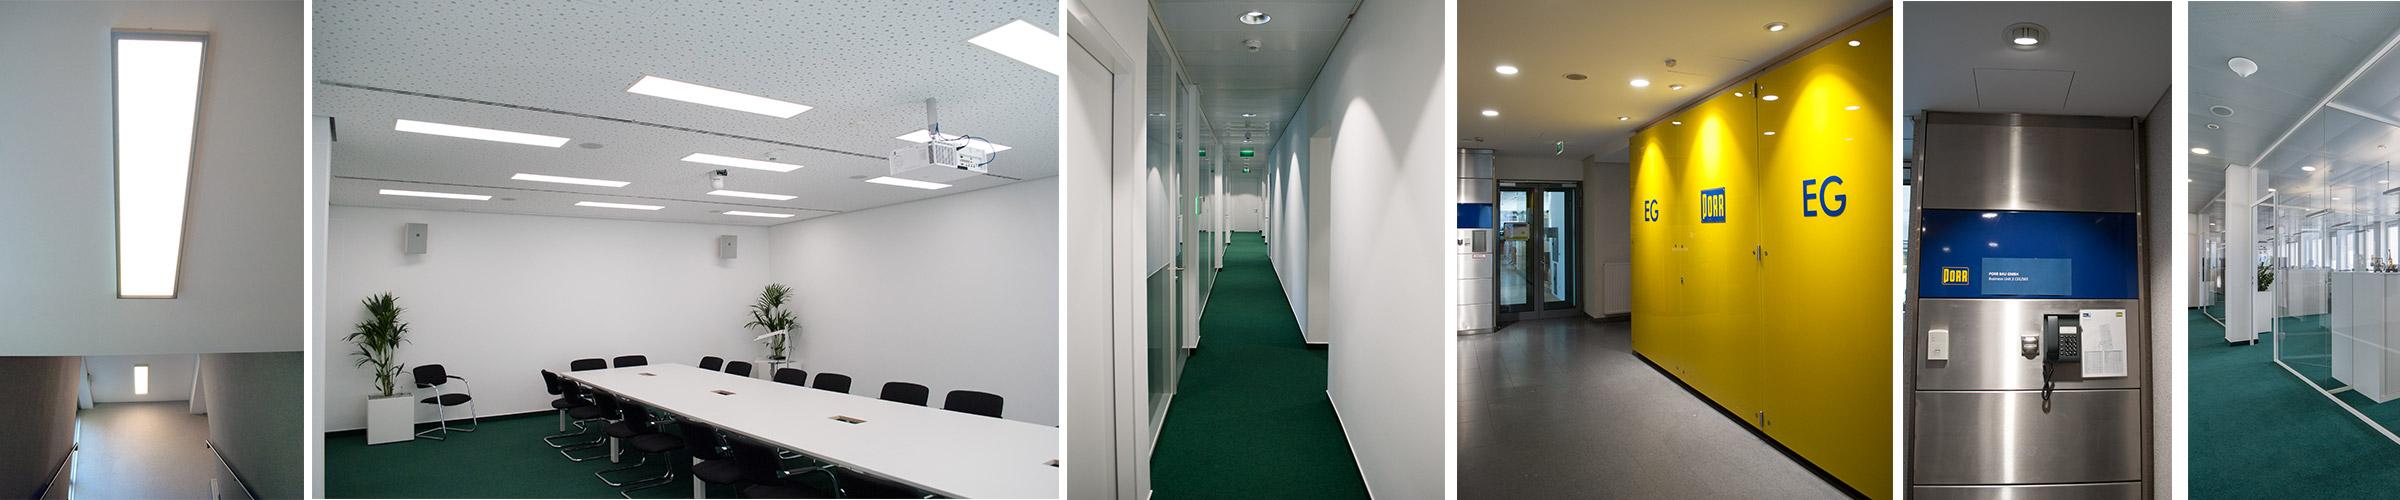 Büro PORR Hochhaus mit SML LED Leuchten